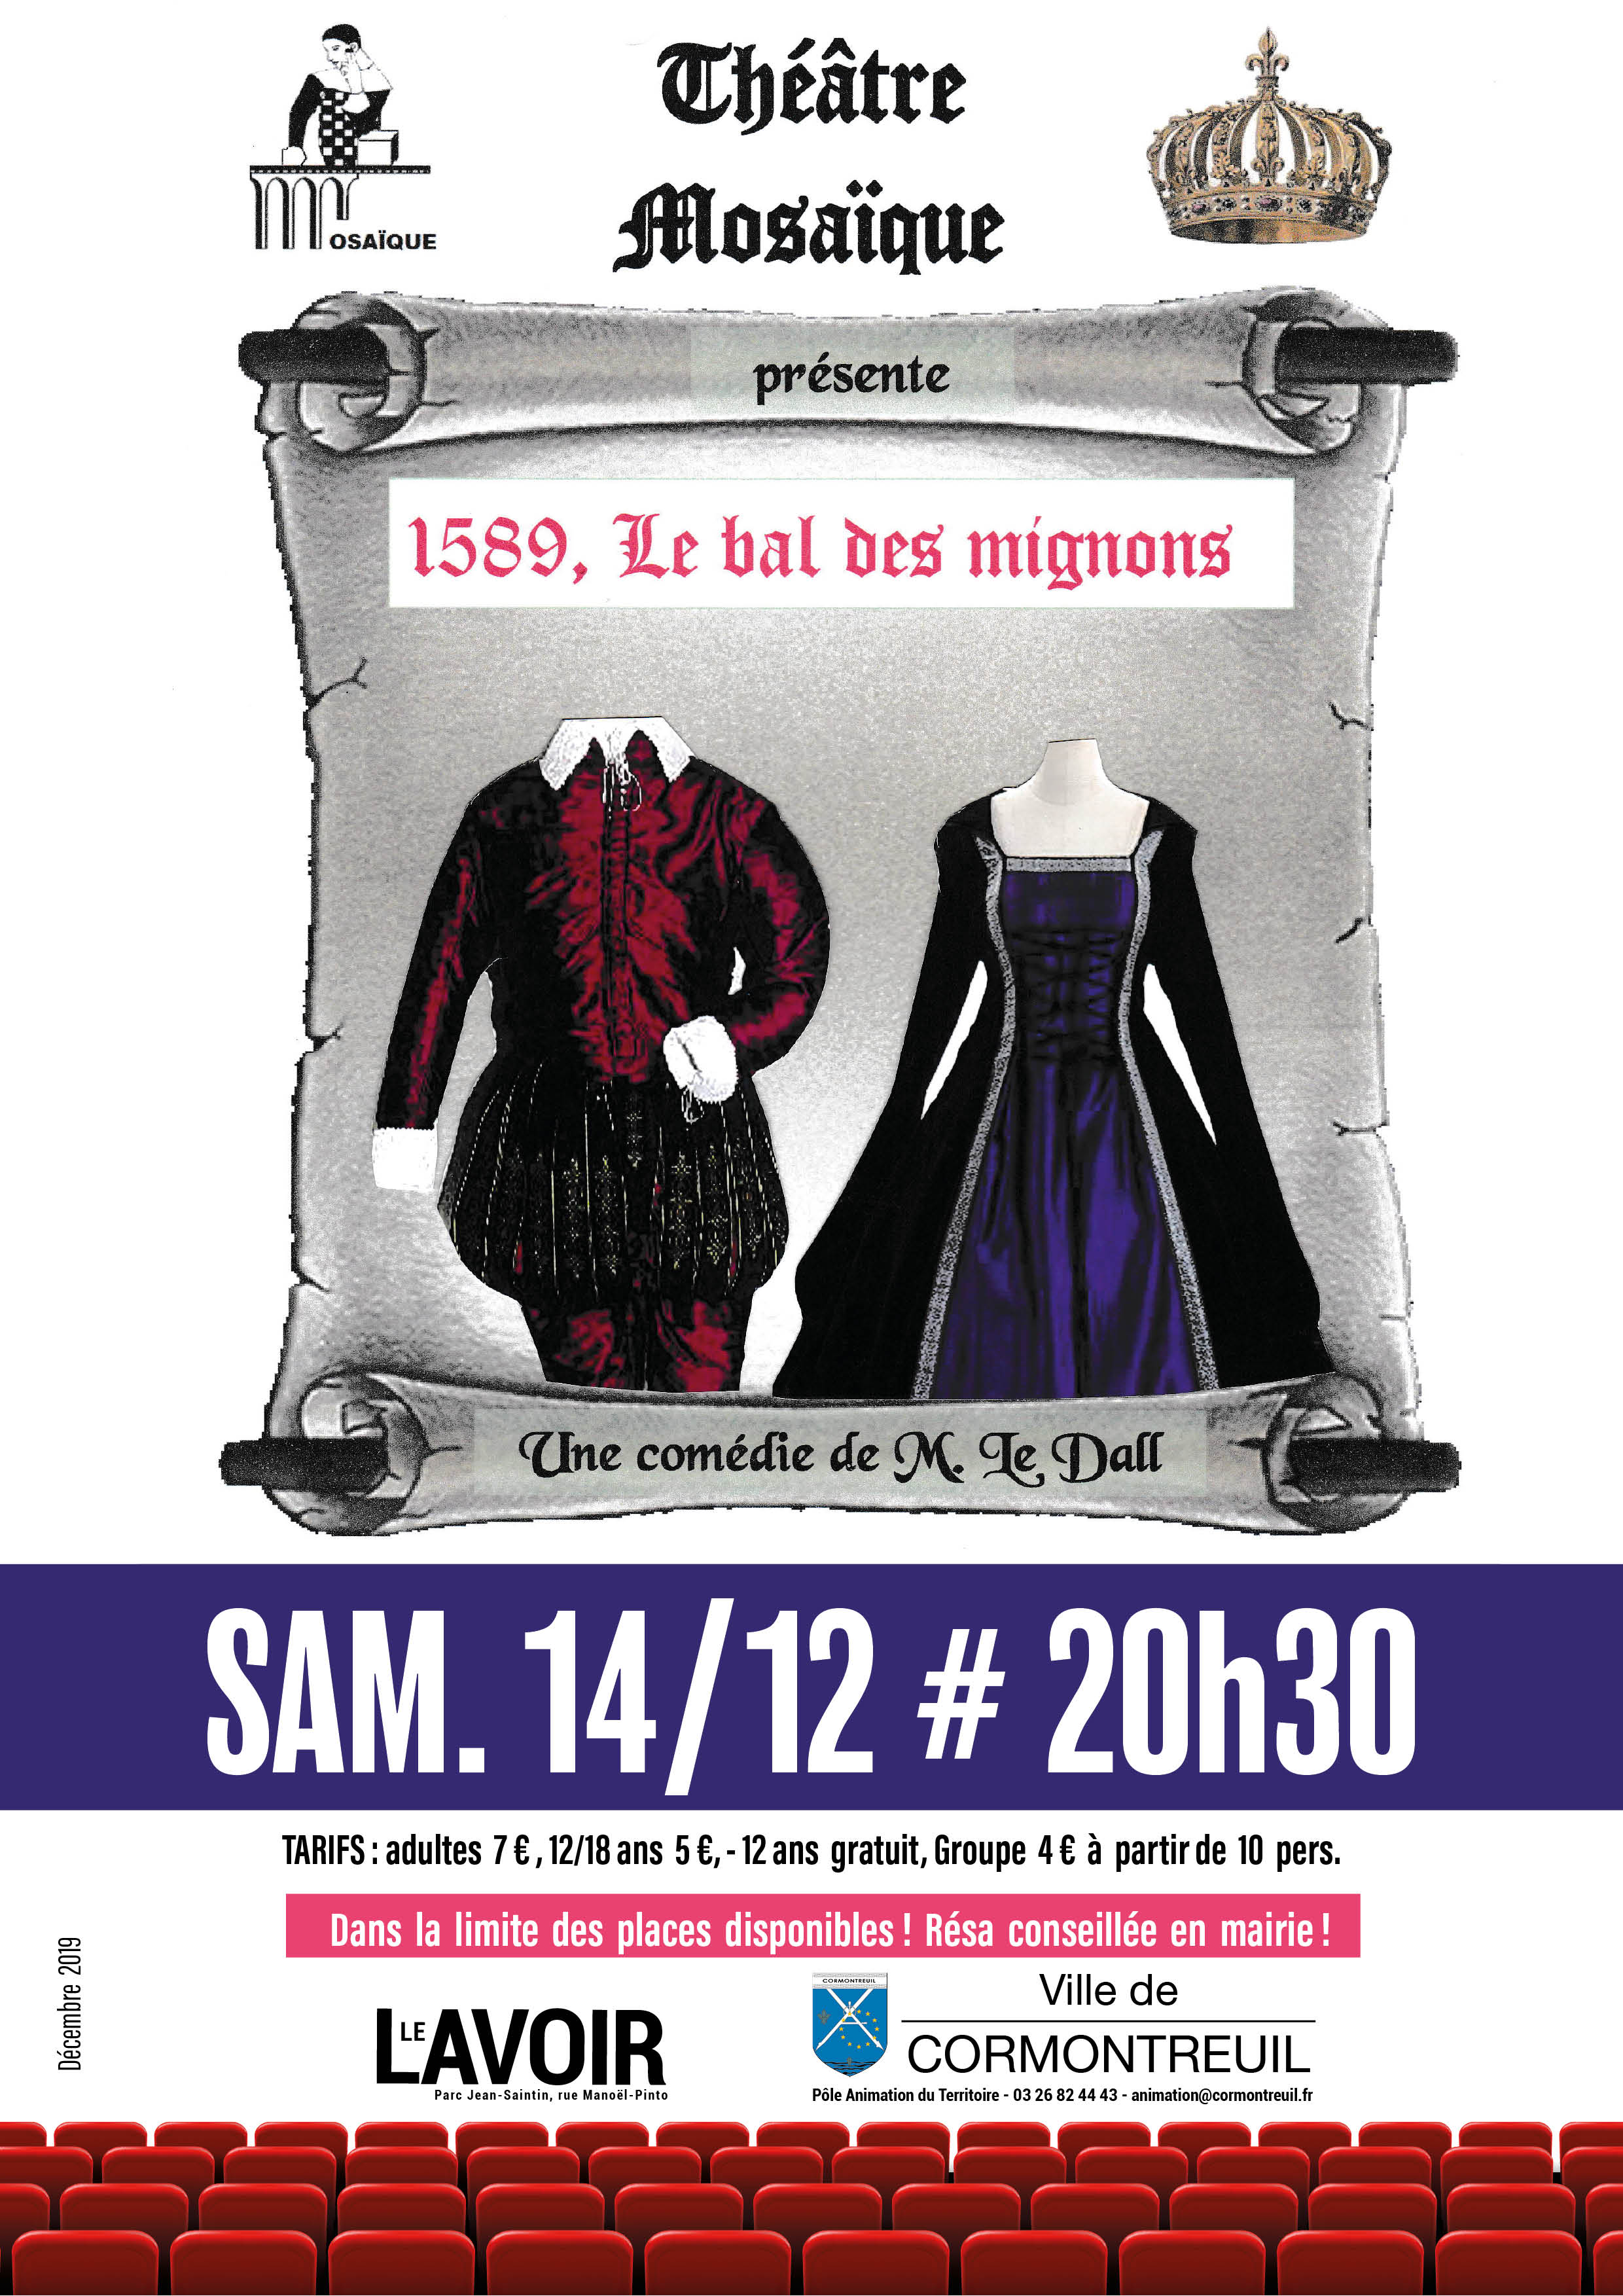 Cormontreuil affiche théâtre mosaïque 1589 le bal des mignons 14 décembre 2019 20h30 Le Lavoir